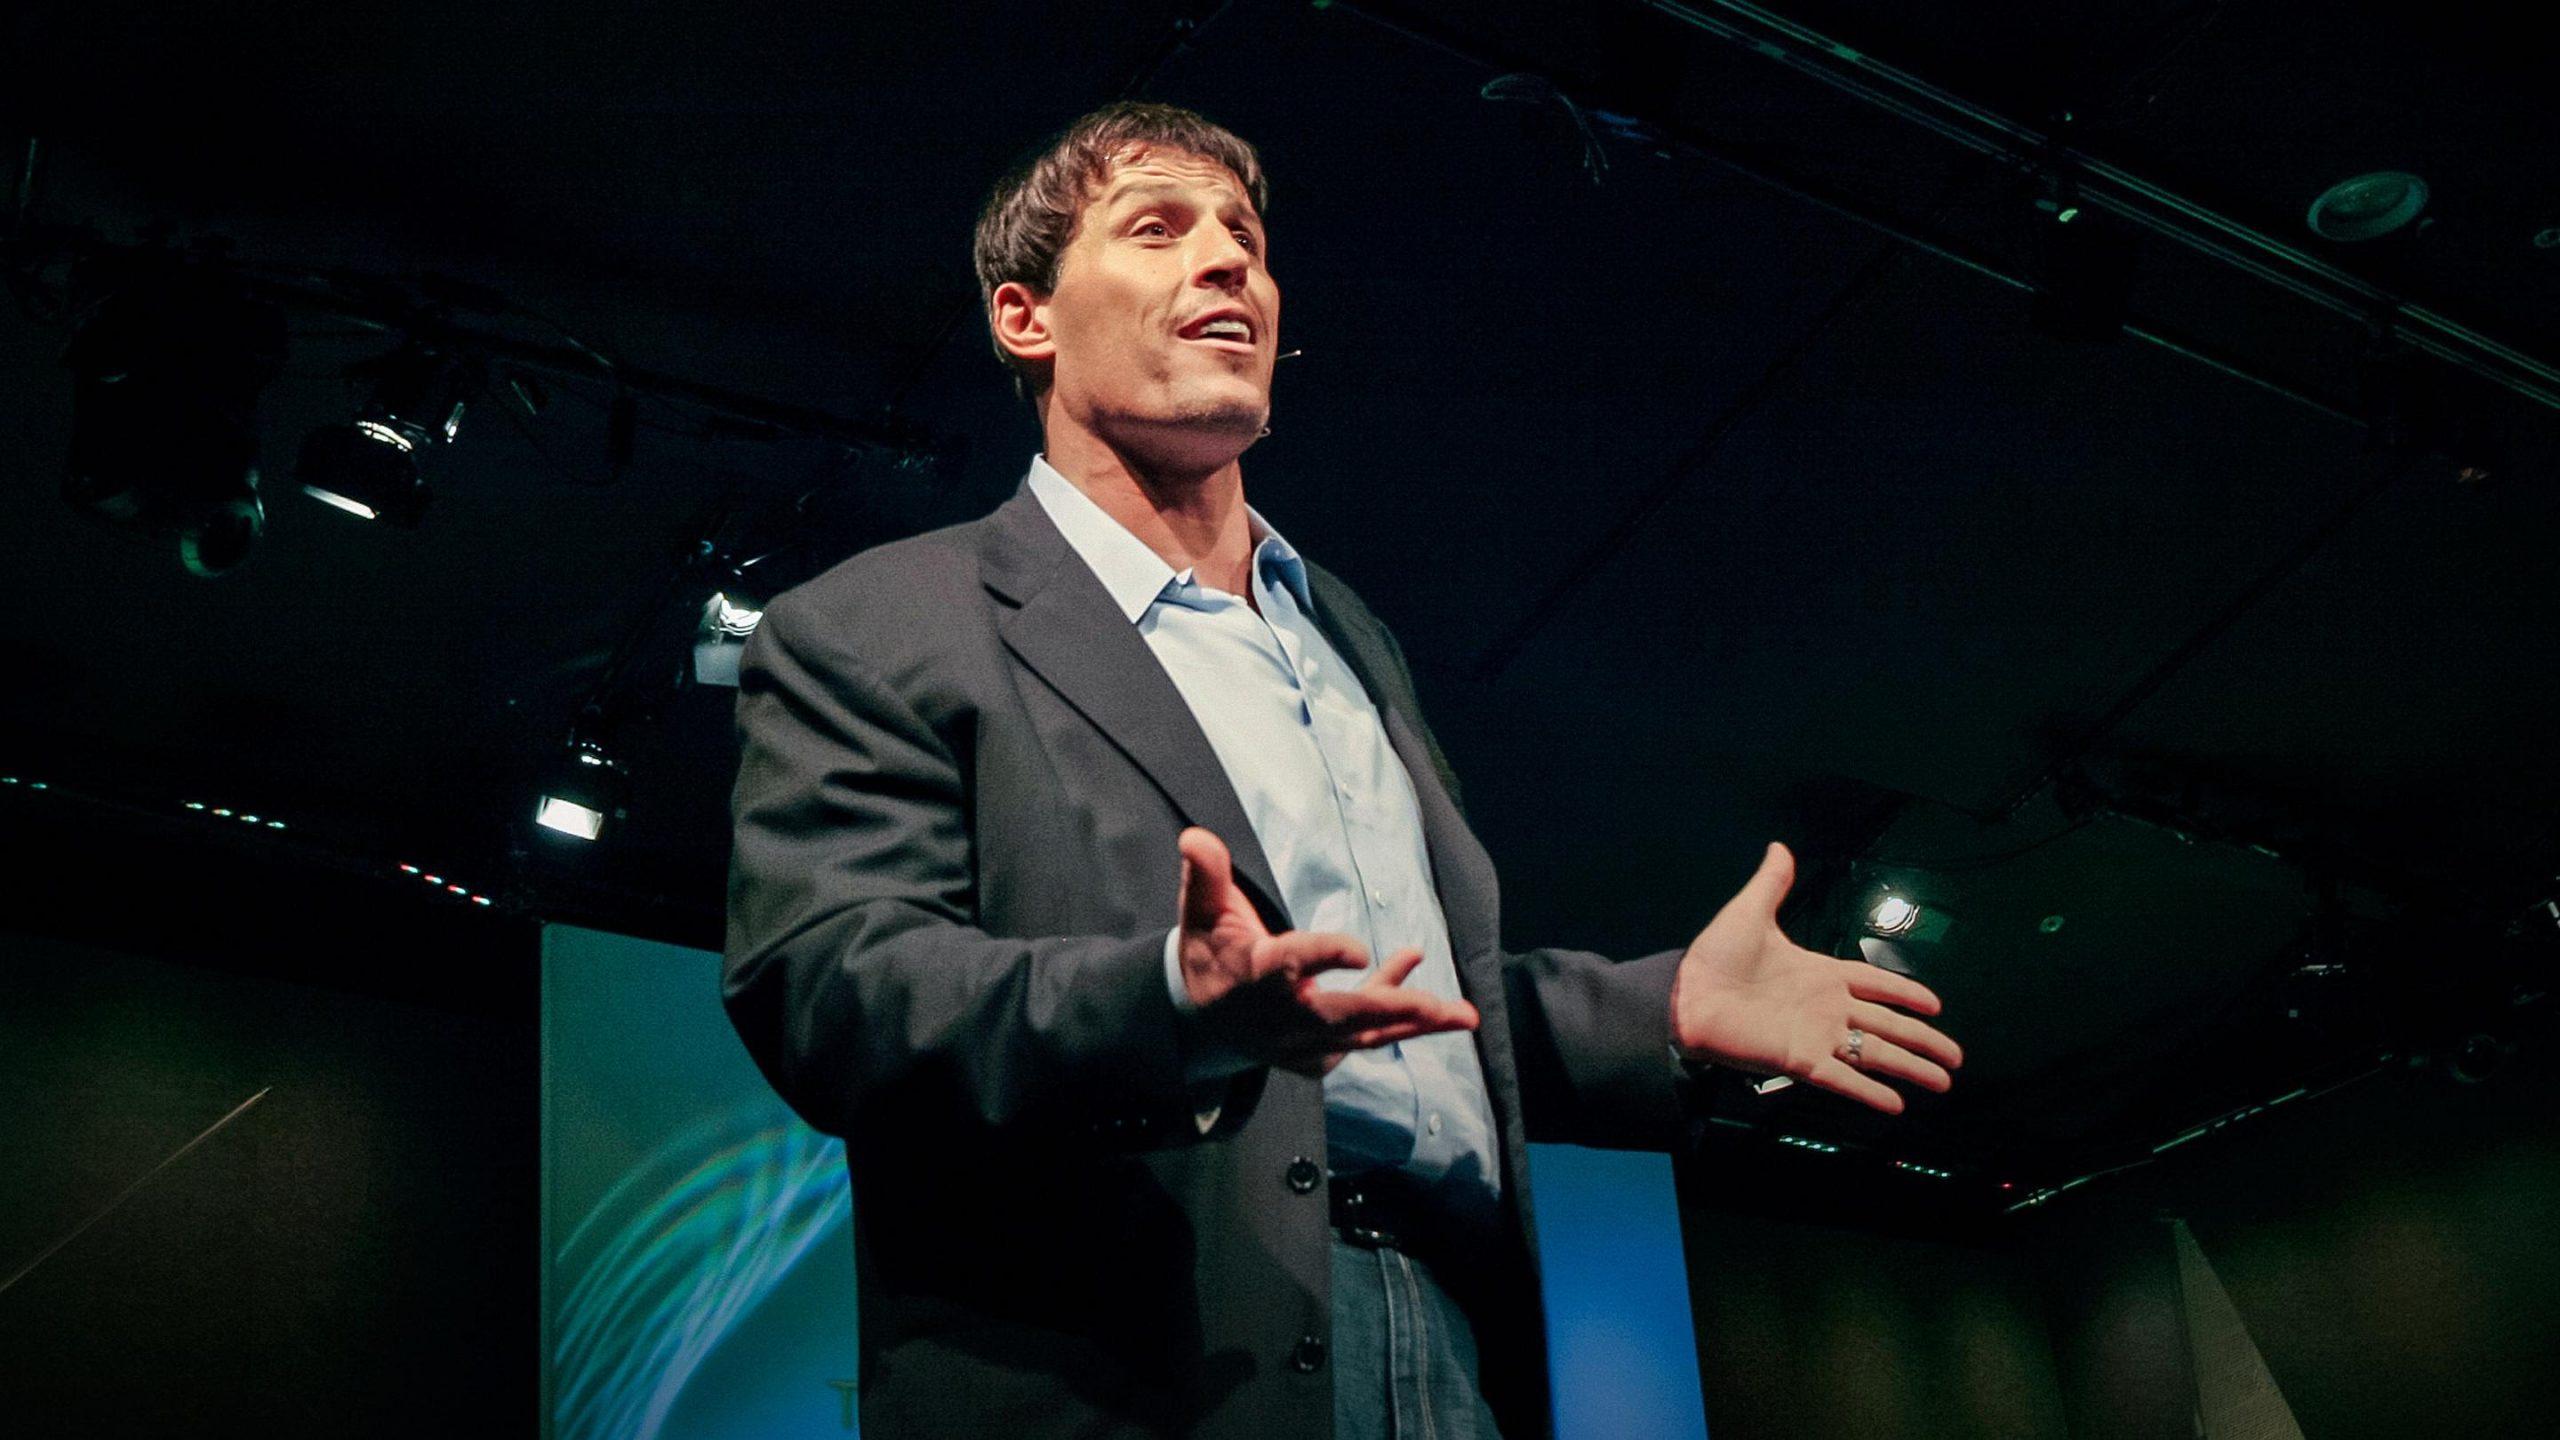 Tony Robbins ted talk